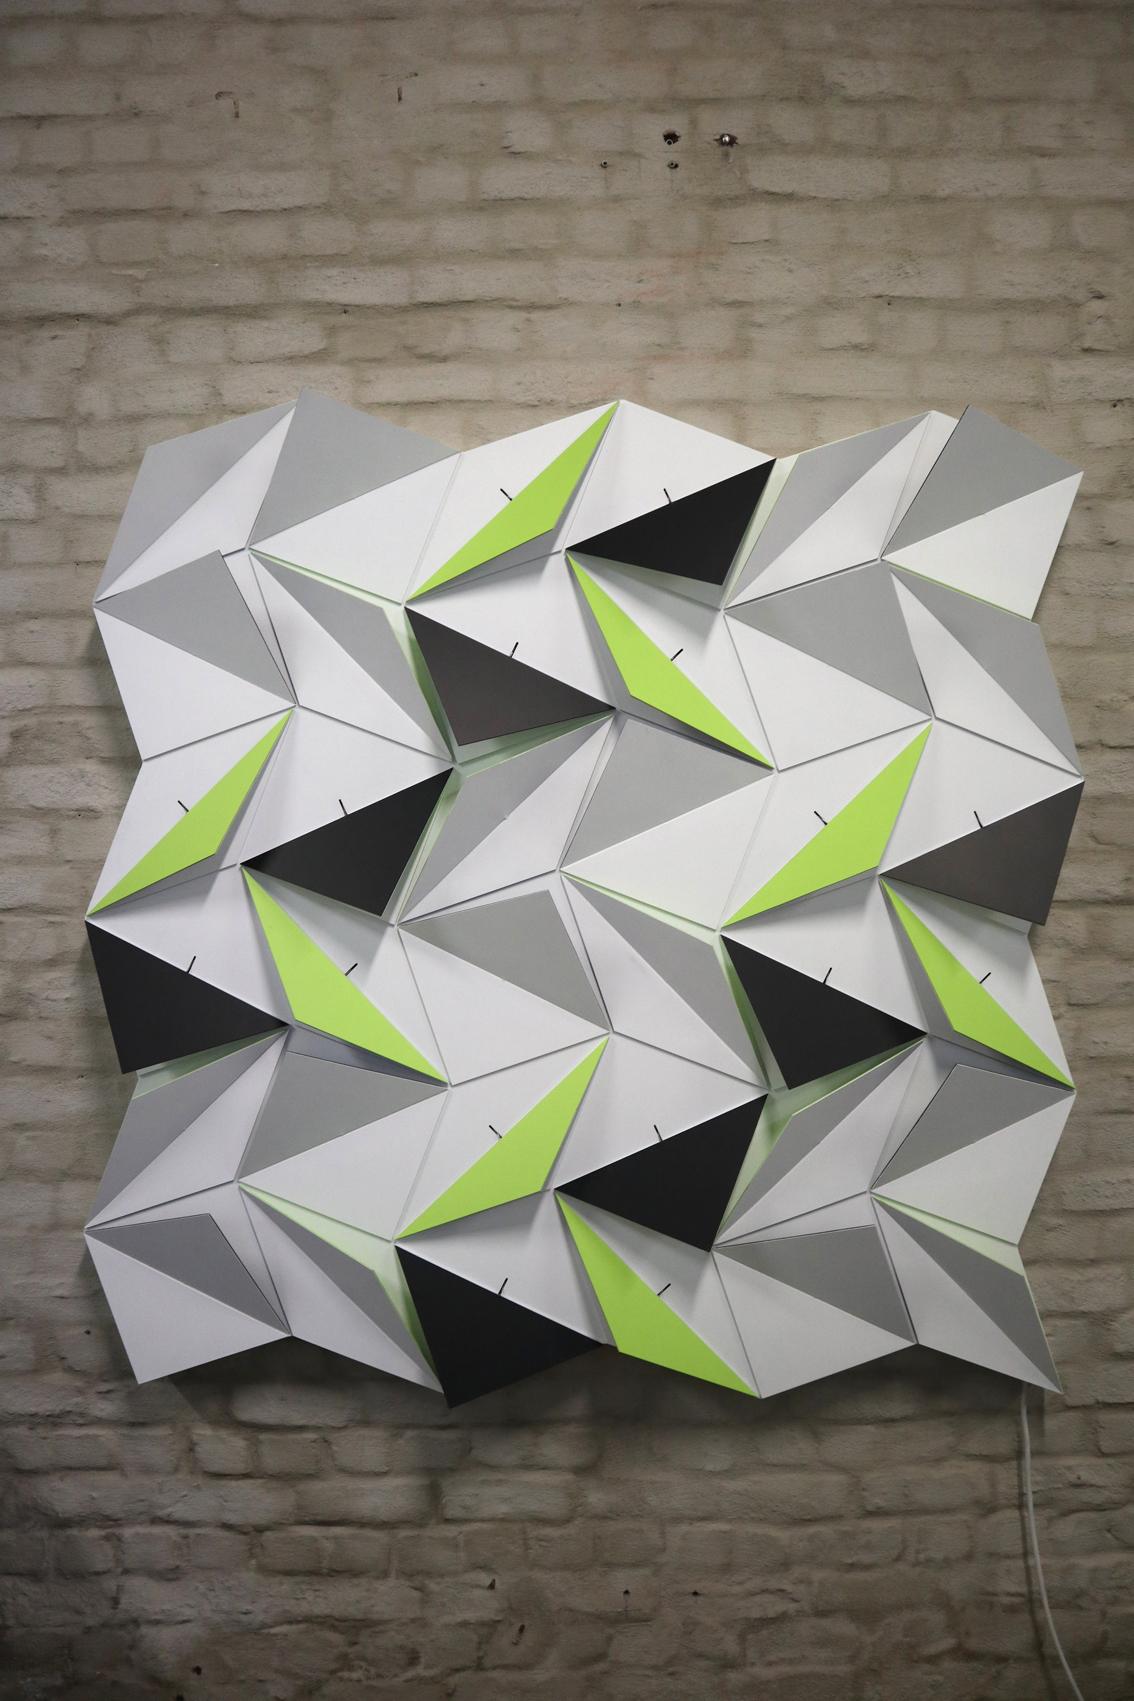 Origami Snubsquare